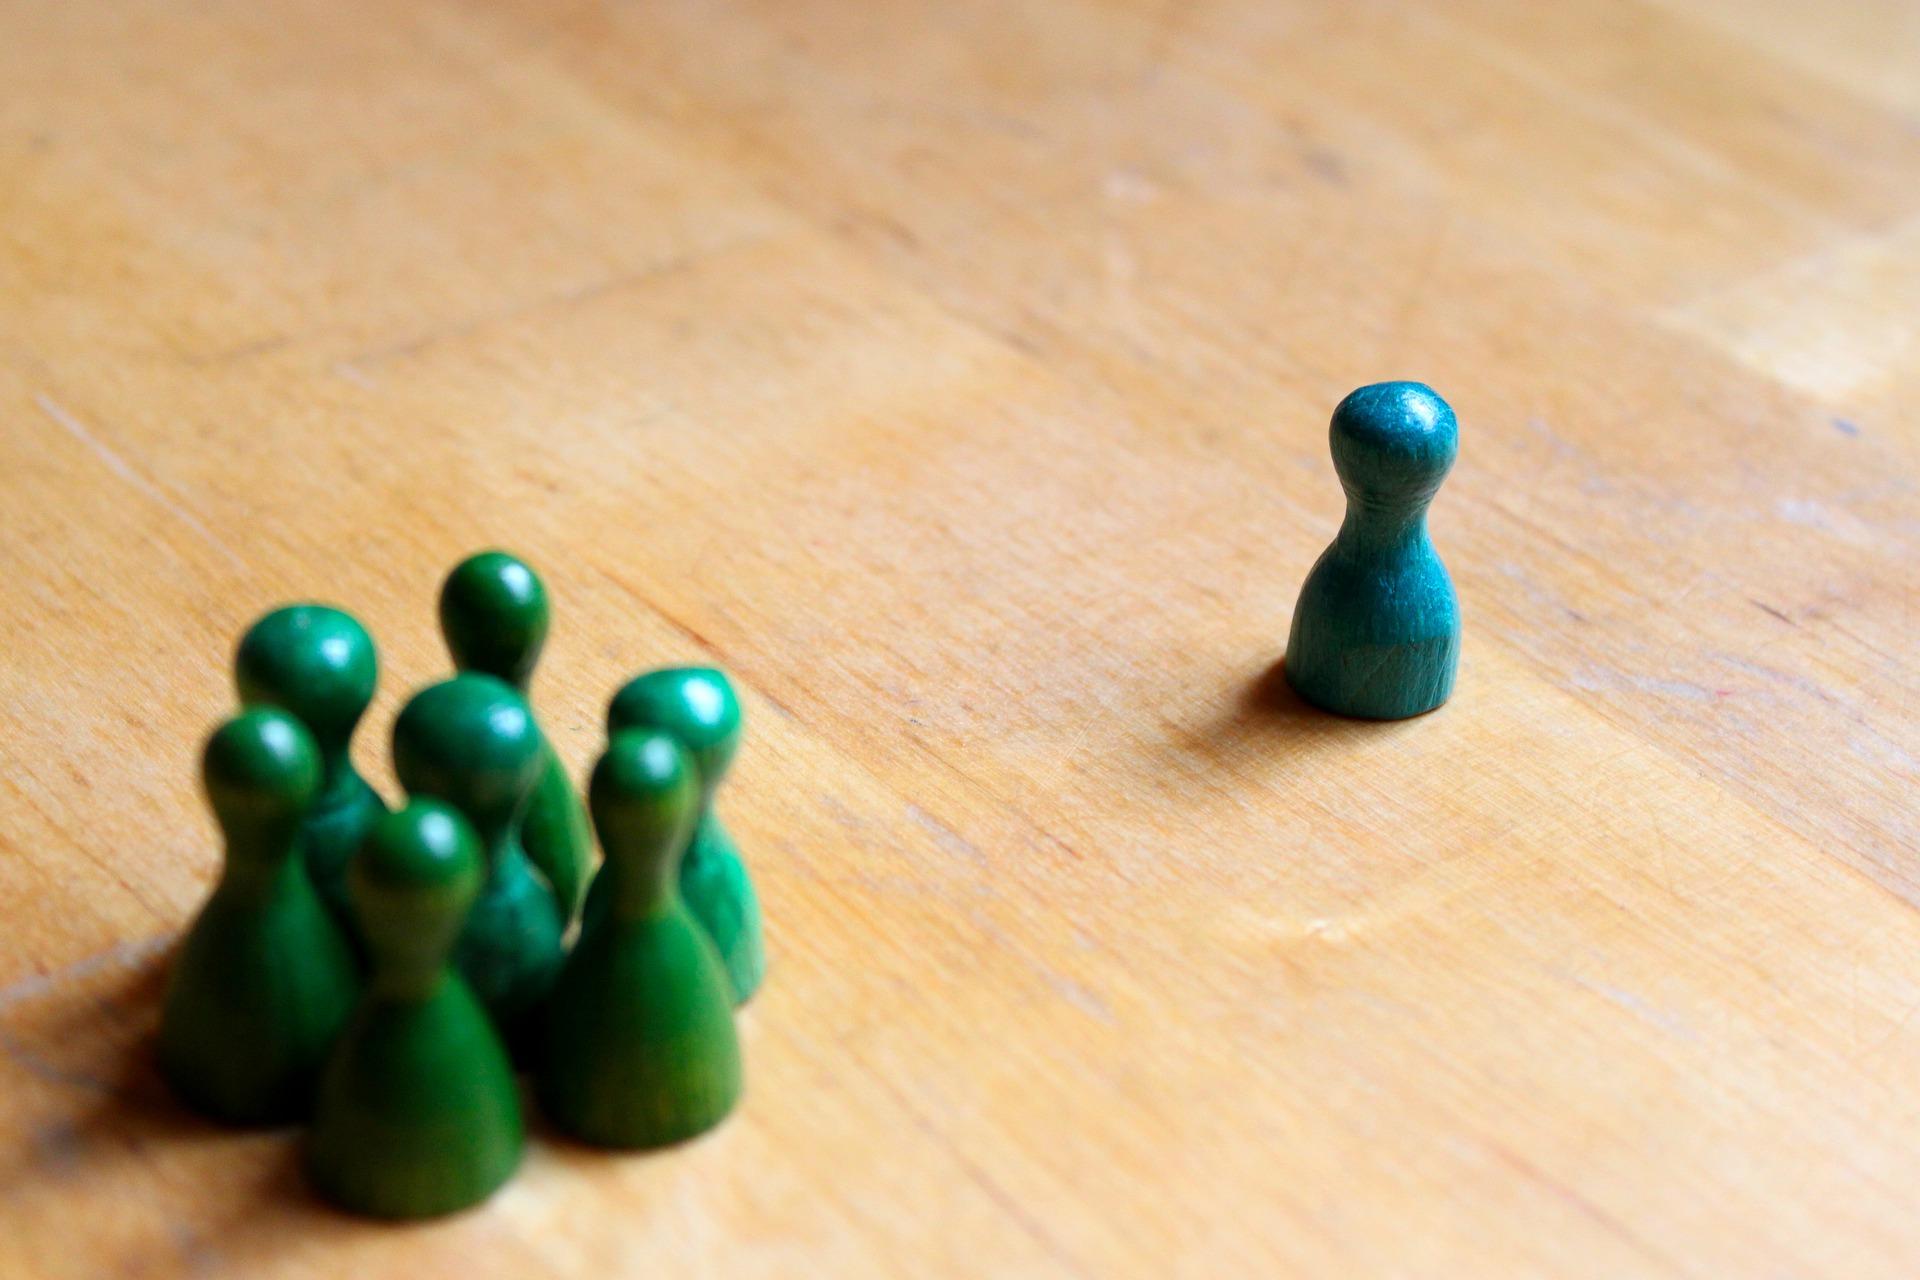 Comment les juges caractérisent le harcèlement moral